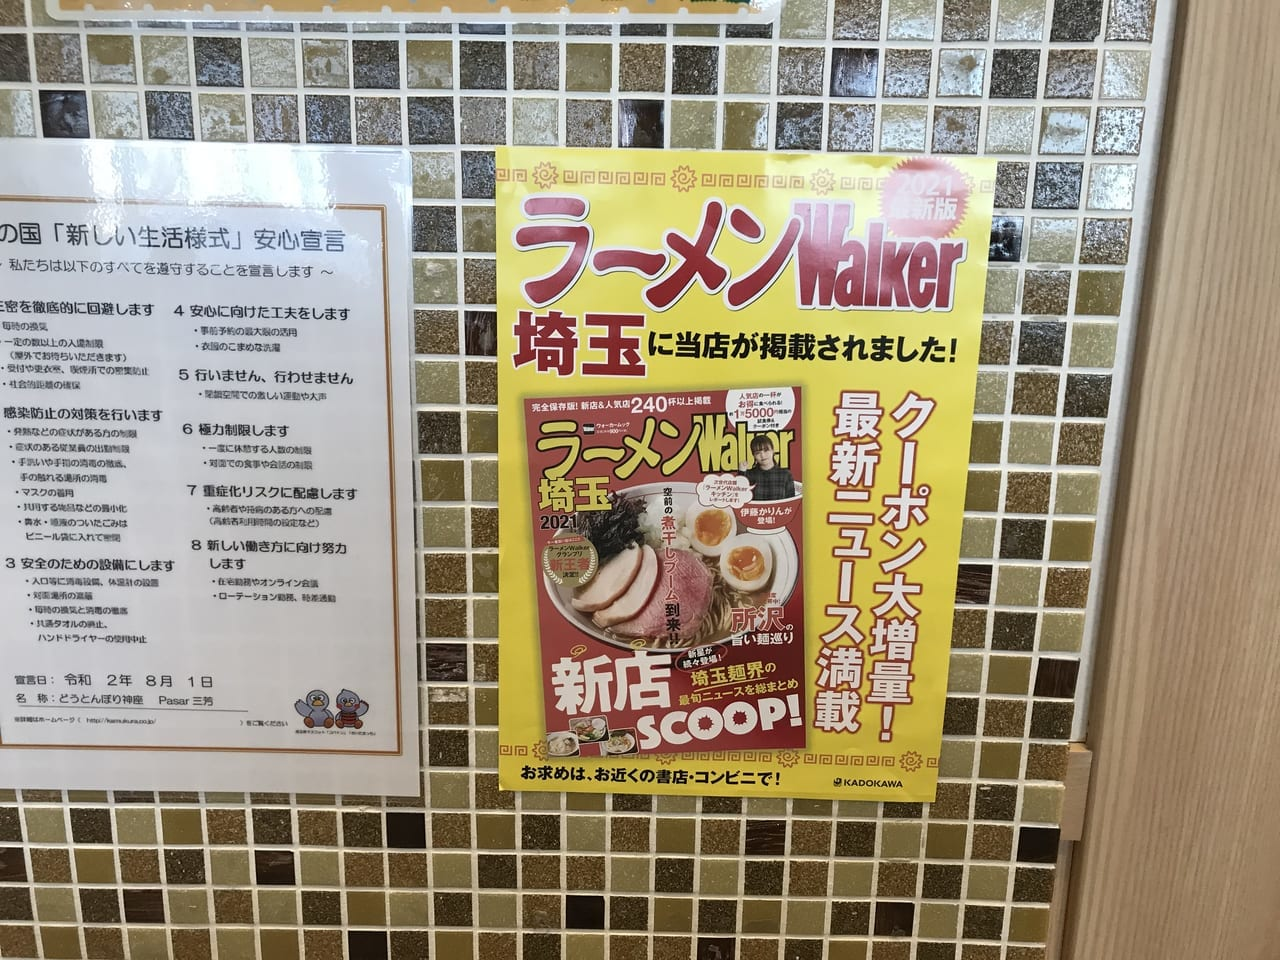 ラーメンウォーカーに掲載された三芳のラーメン店